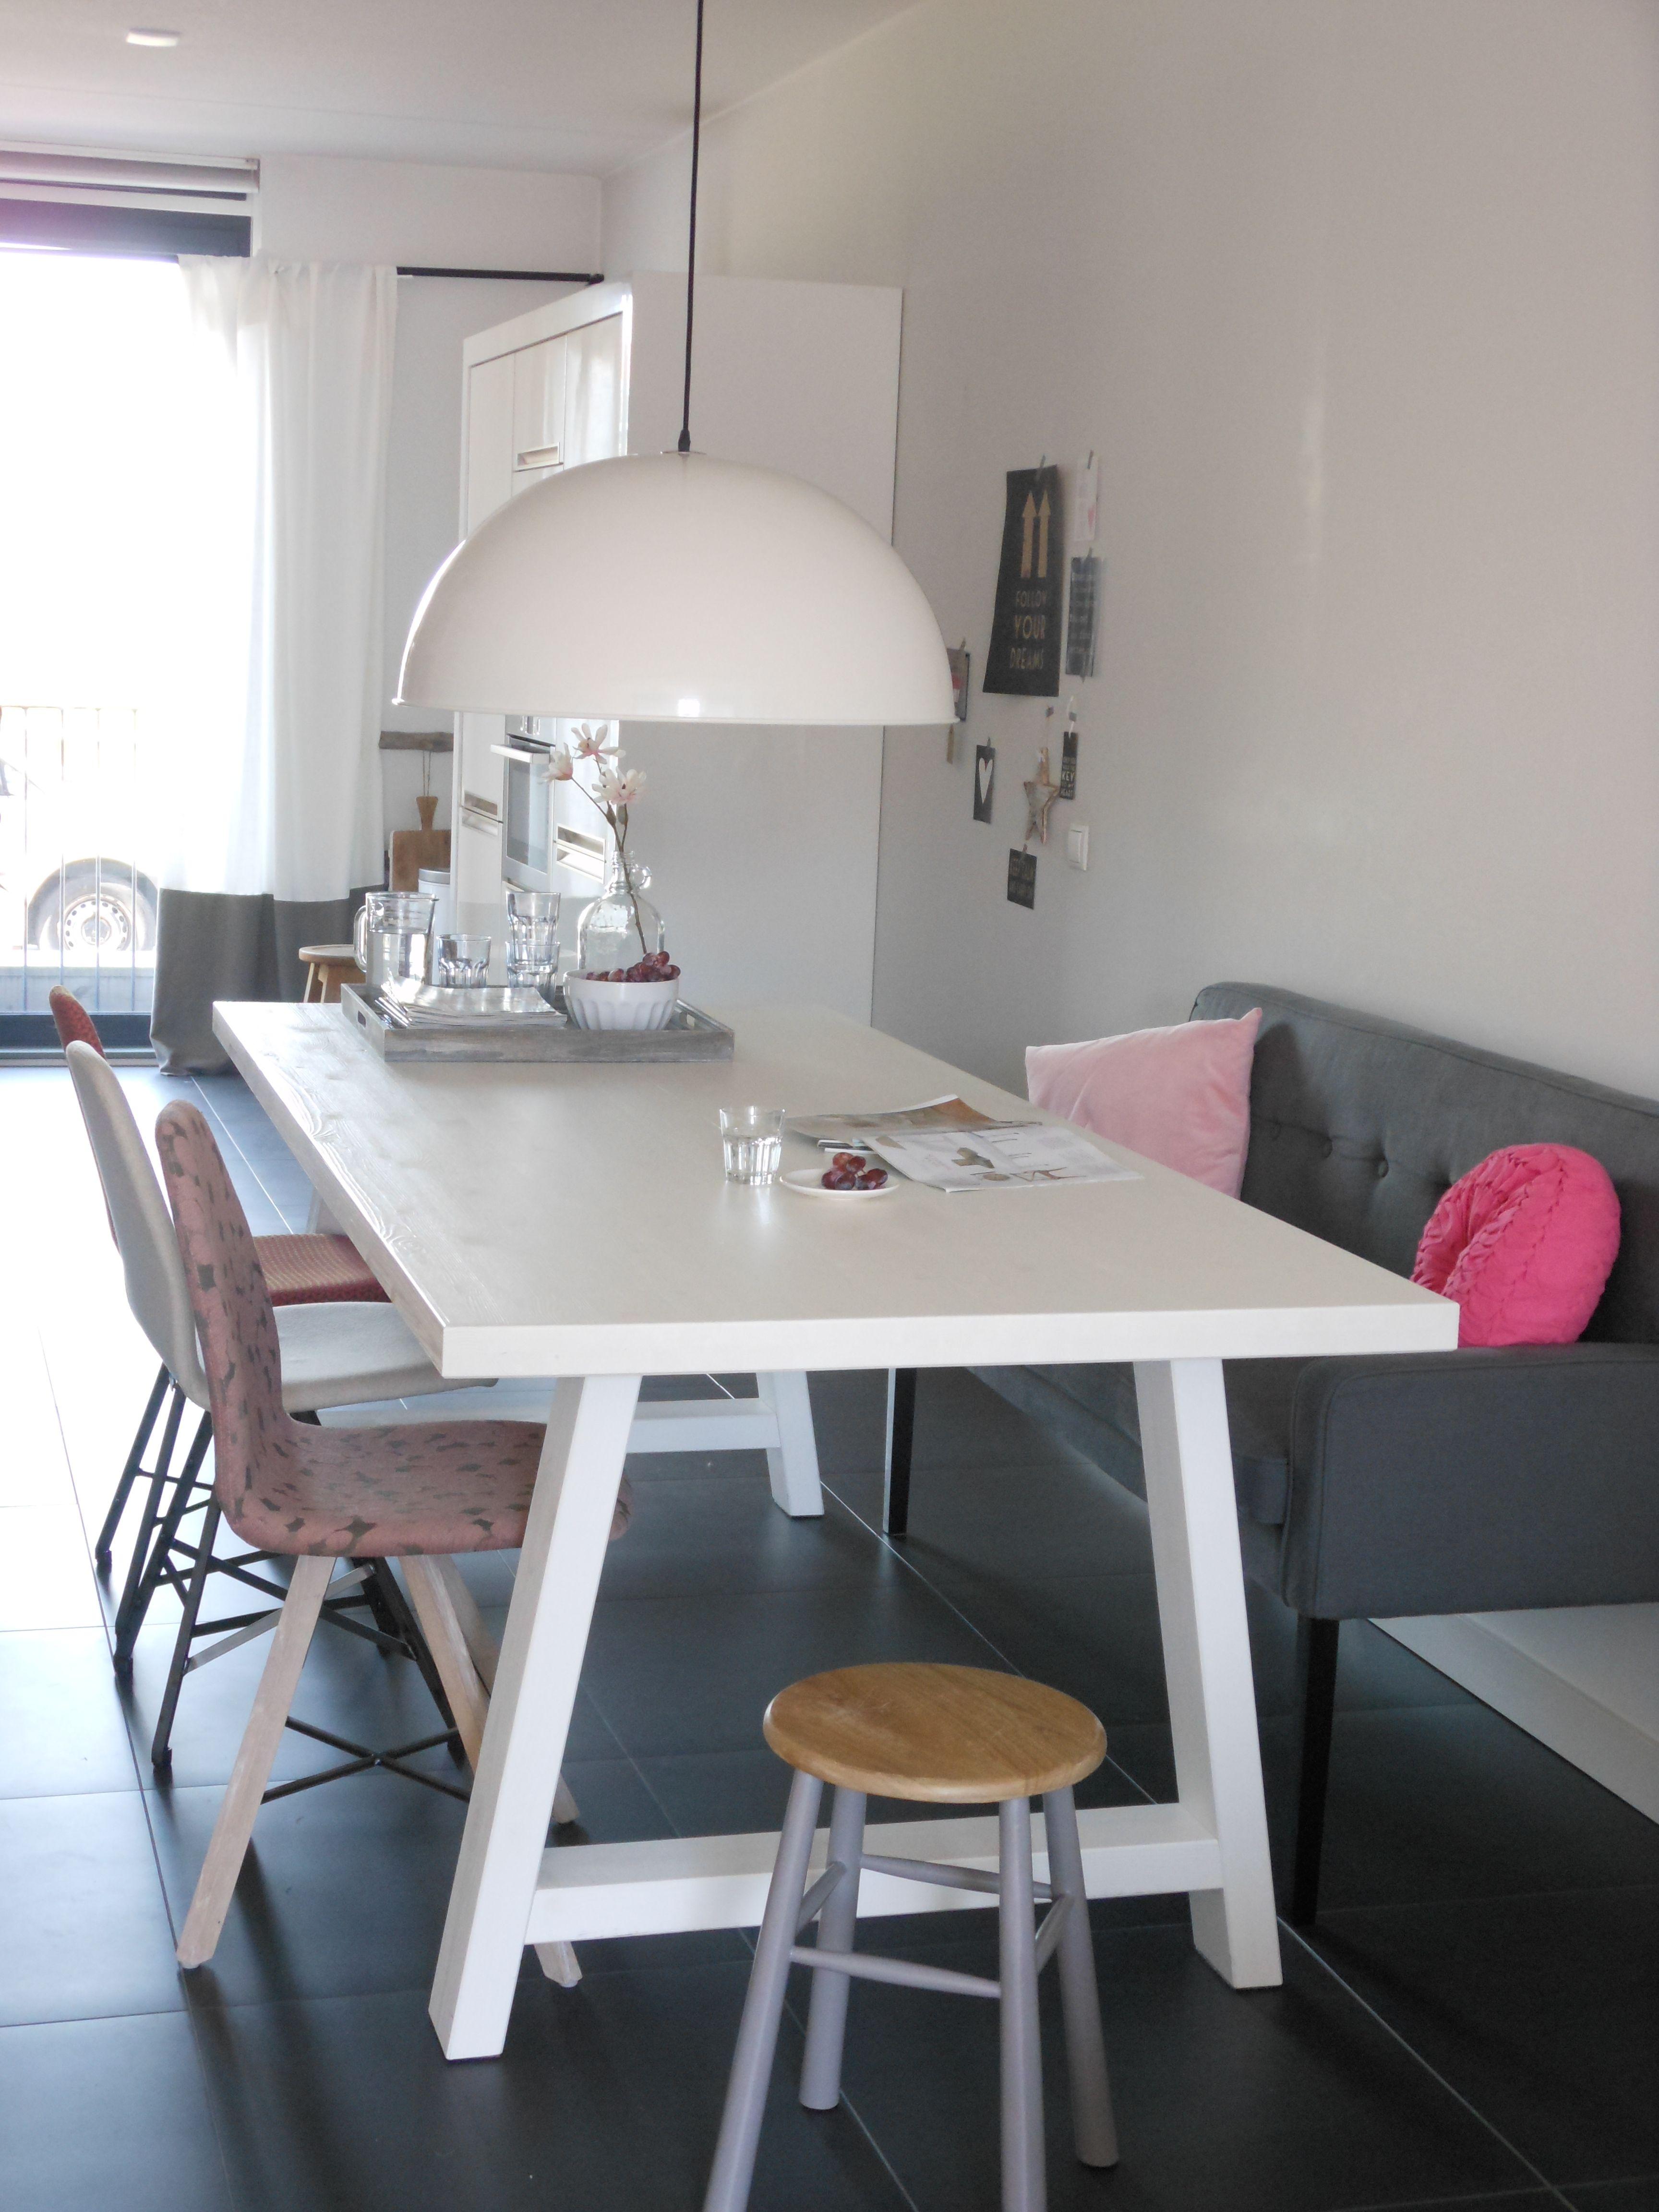 table salle manger mes sources d 39 inspiration pinterest maison d coration maison et. Black Bedroom Furniture Sets. Home Design Ideas